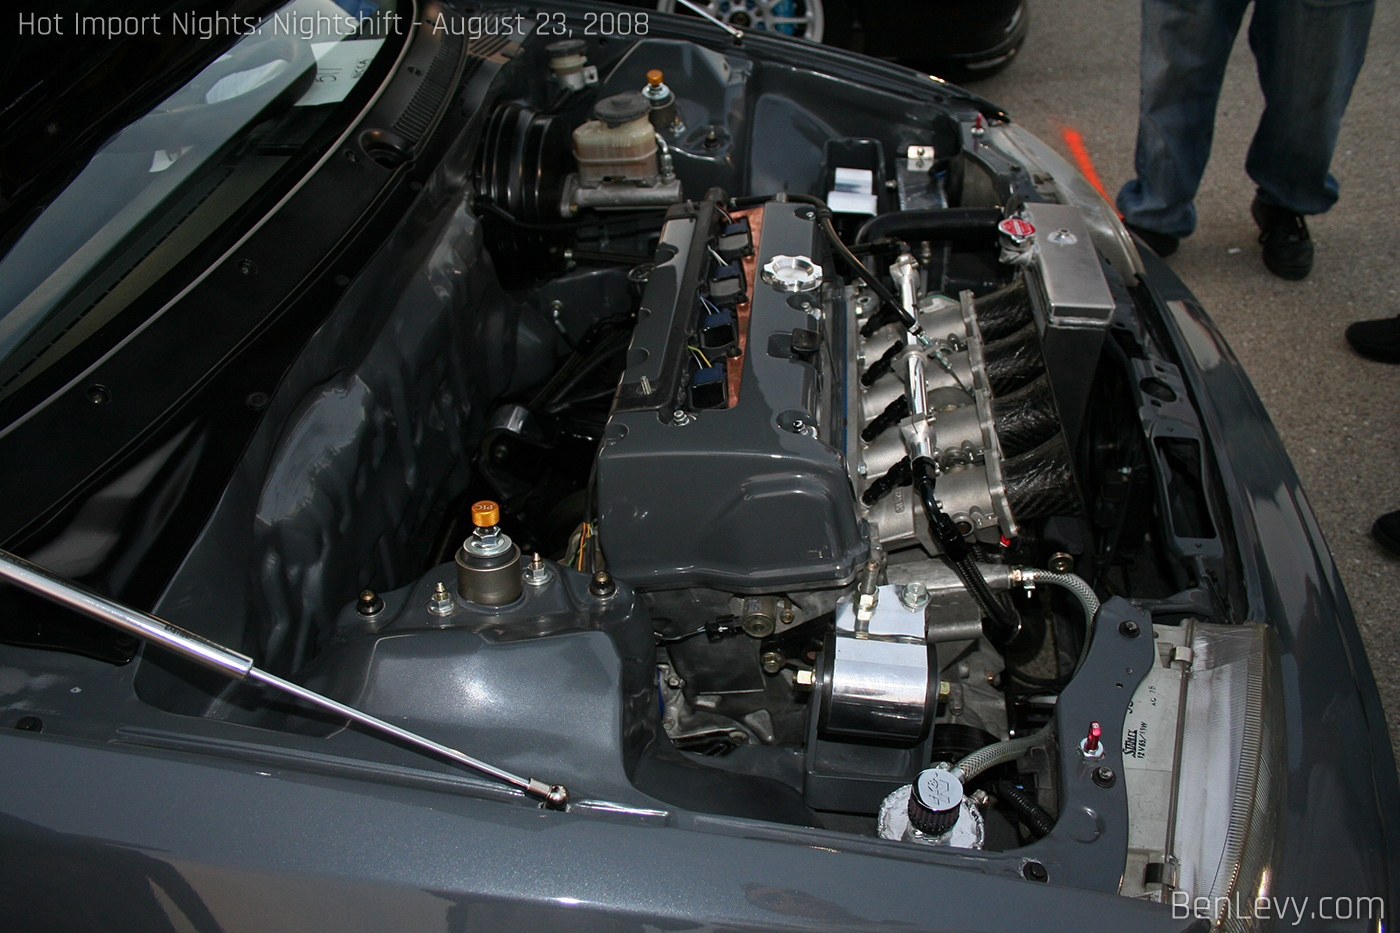 Honda Crx With K20 Engine Benlevy Com